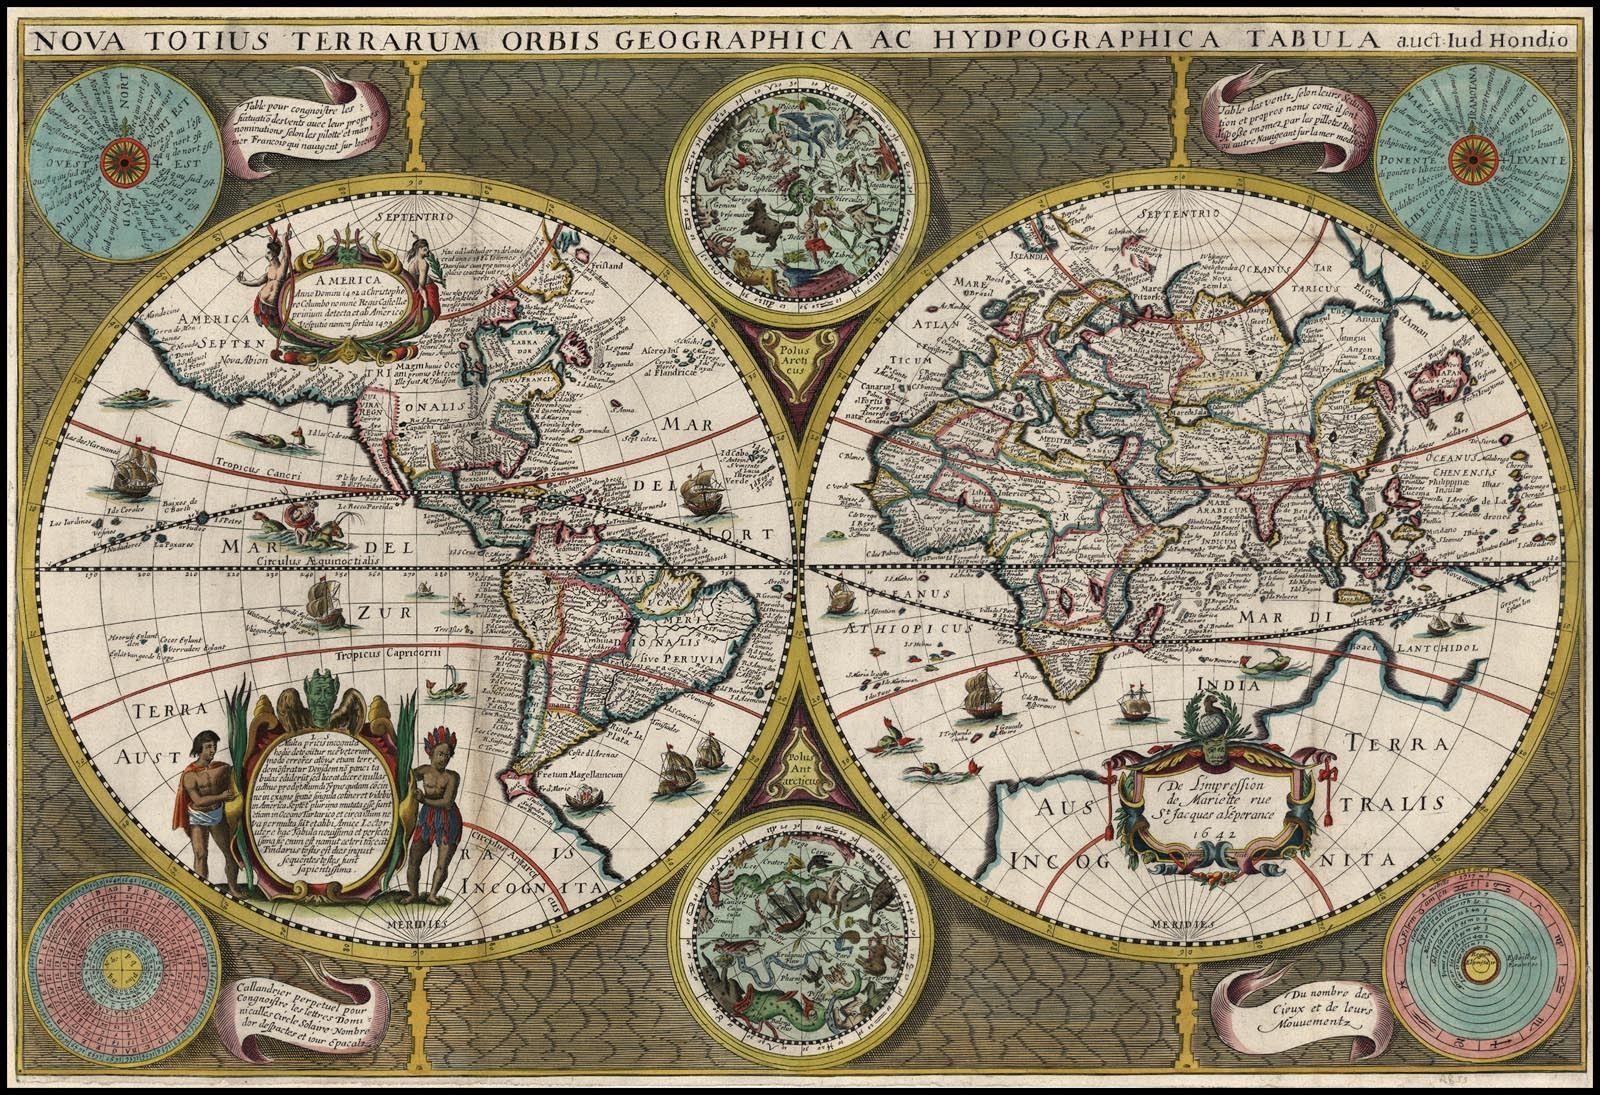 Mapa antiguo184jpg 16001095  Antiguos mapas  Pinterest